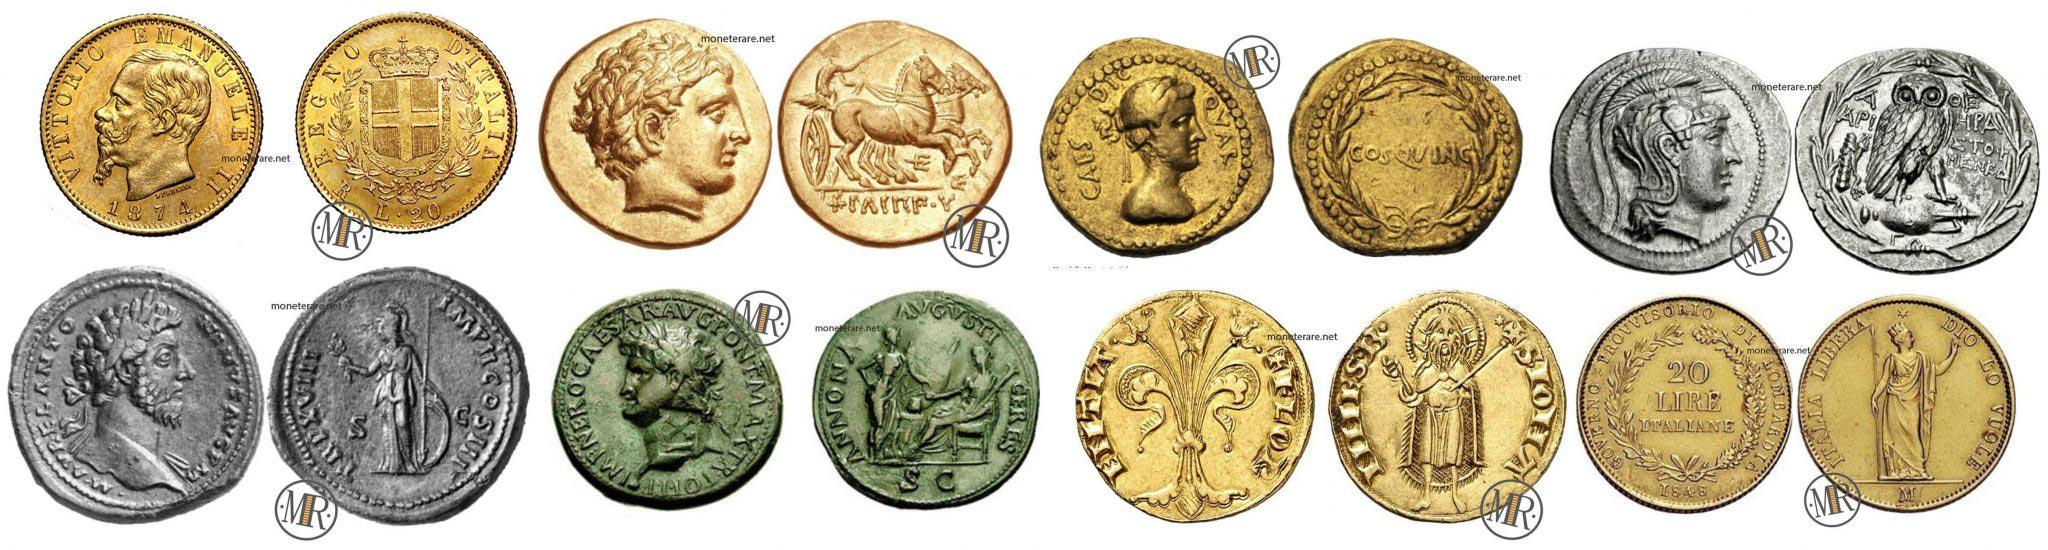 Monete Antiche, Rare e di Valore - Dalle Monete Romane a quelle Greche